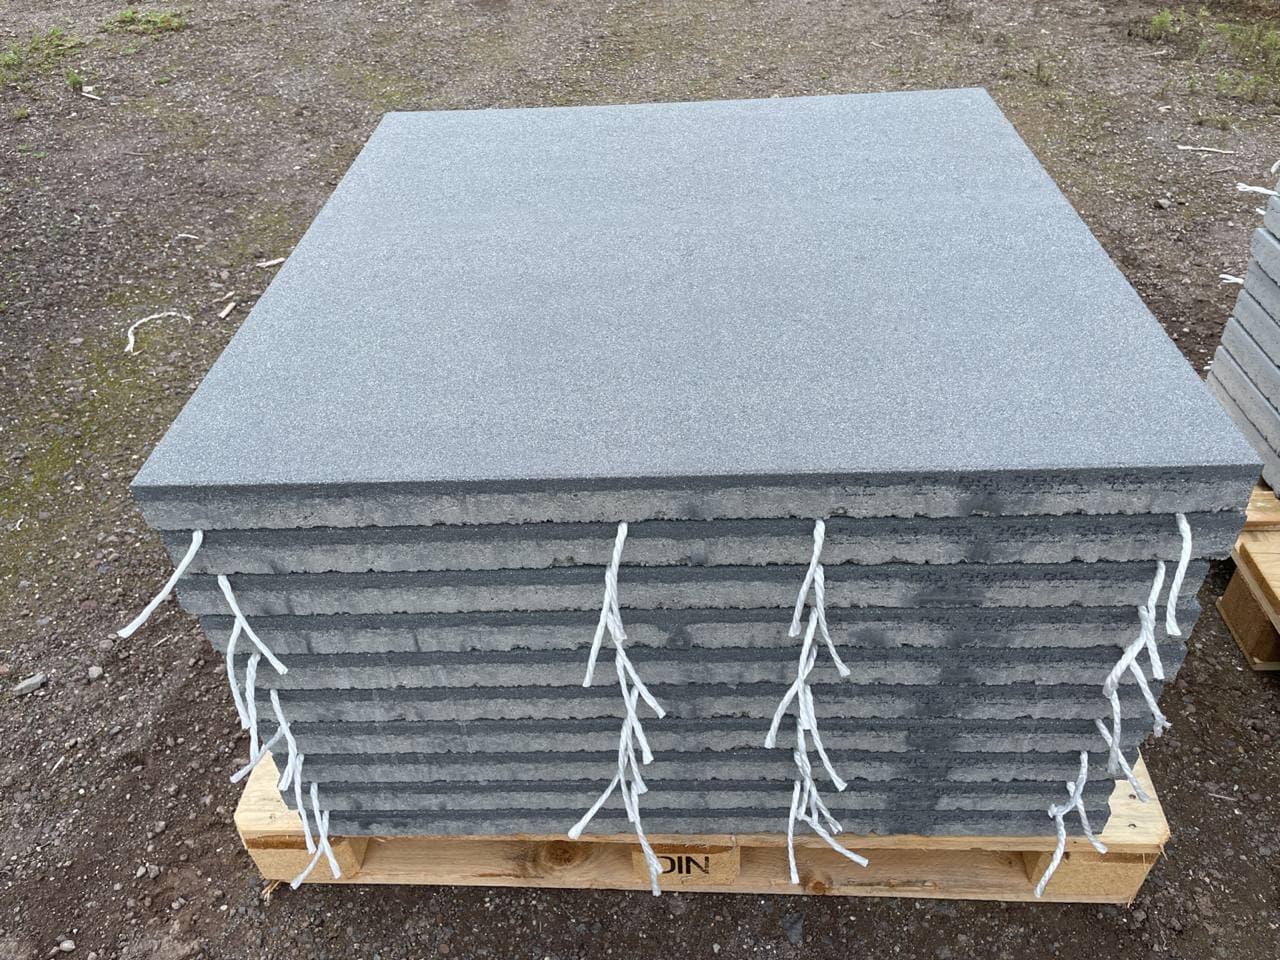 Vios Terrassenplatten 100x100x5,5 cm anthrazit feingestrahlt (2.Wahl)